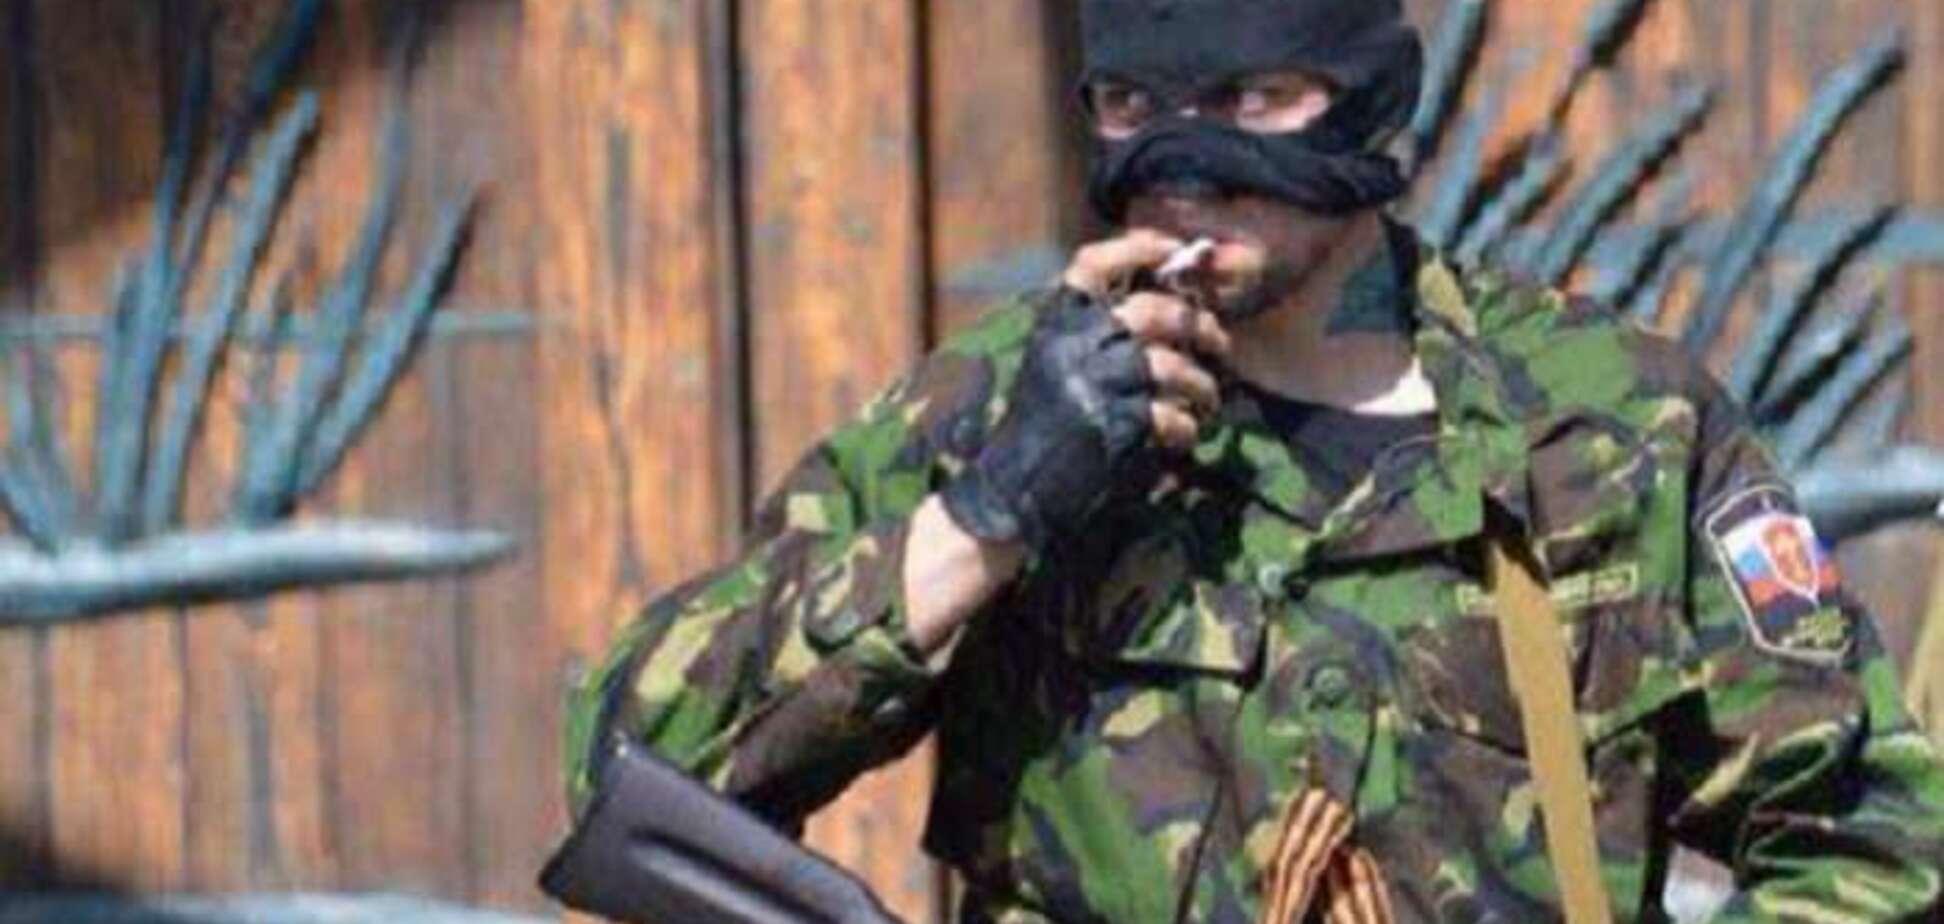 'Прострелить голову': россияне в 'ЛНР' пошли на радикальные меры из-за топлива